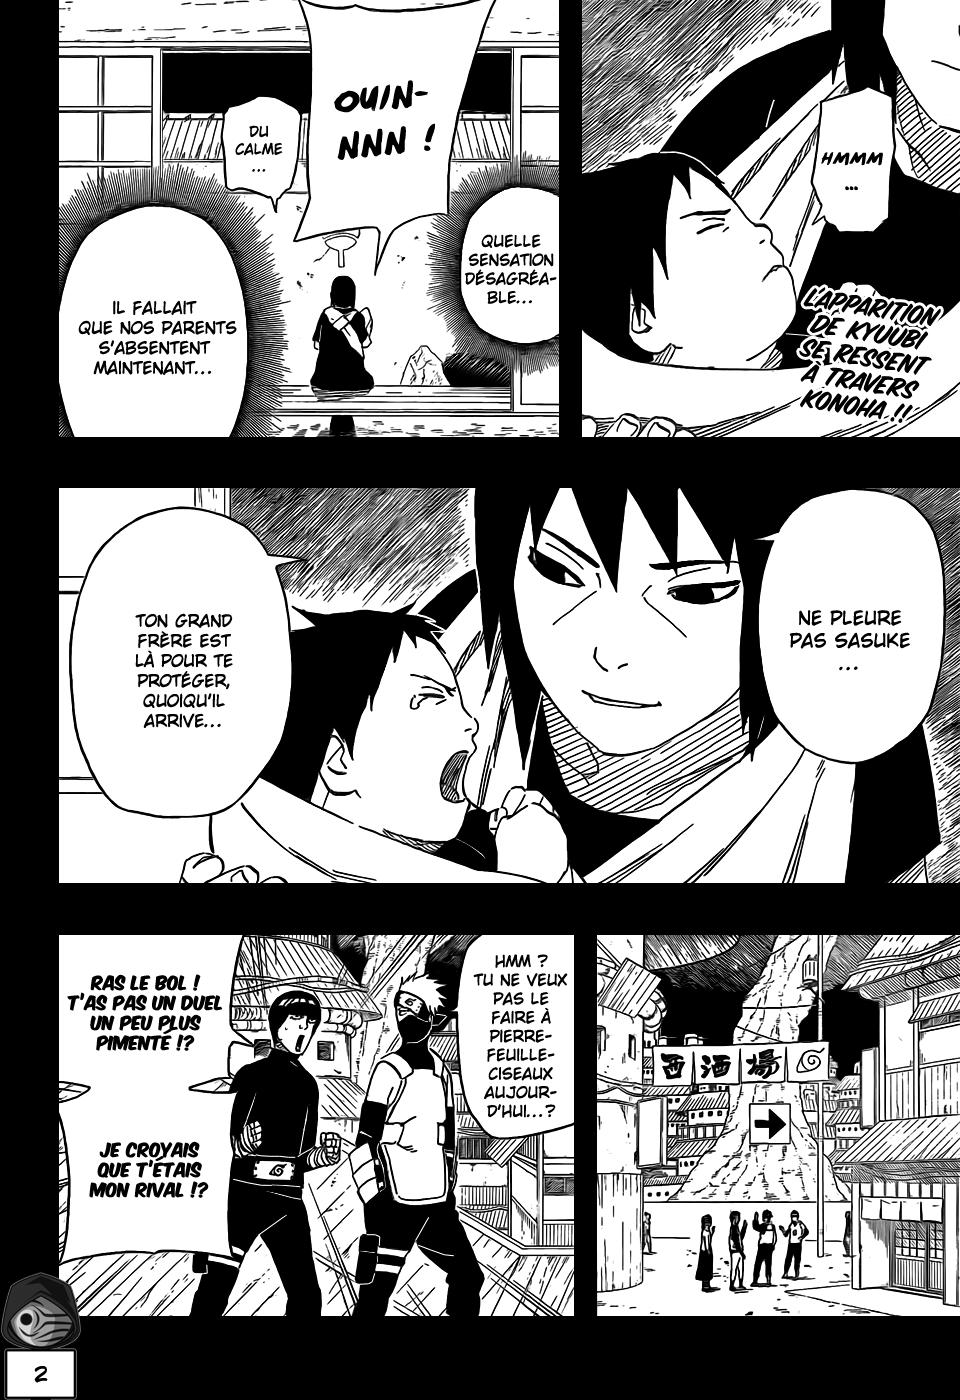 Naruto chapitre 502 - Page 2